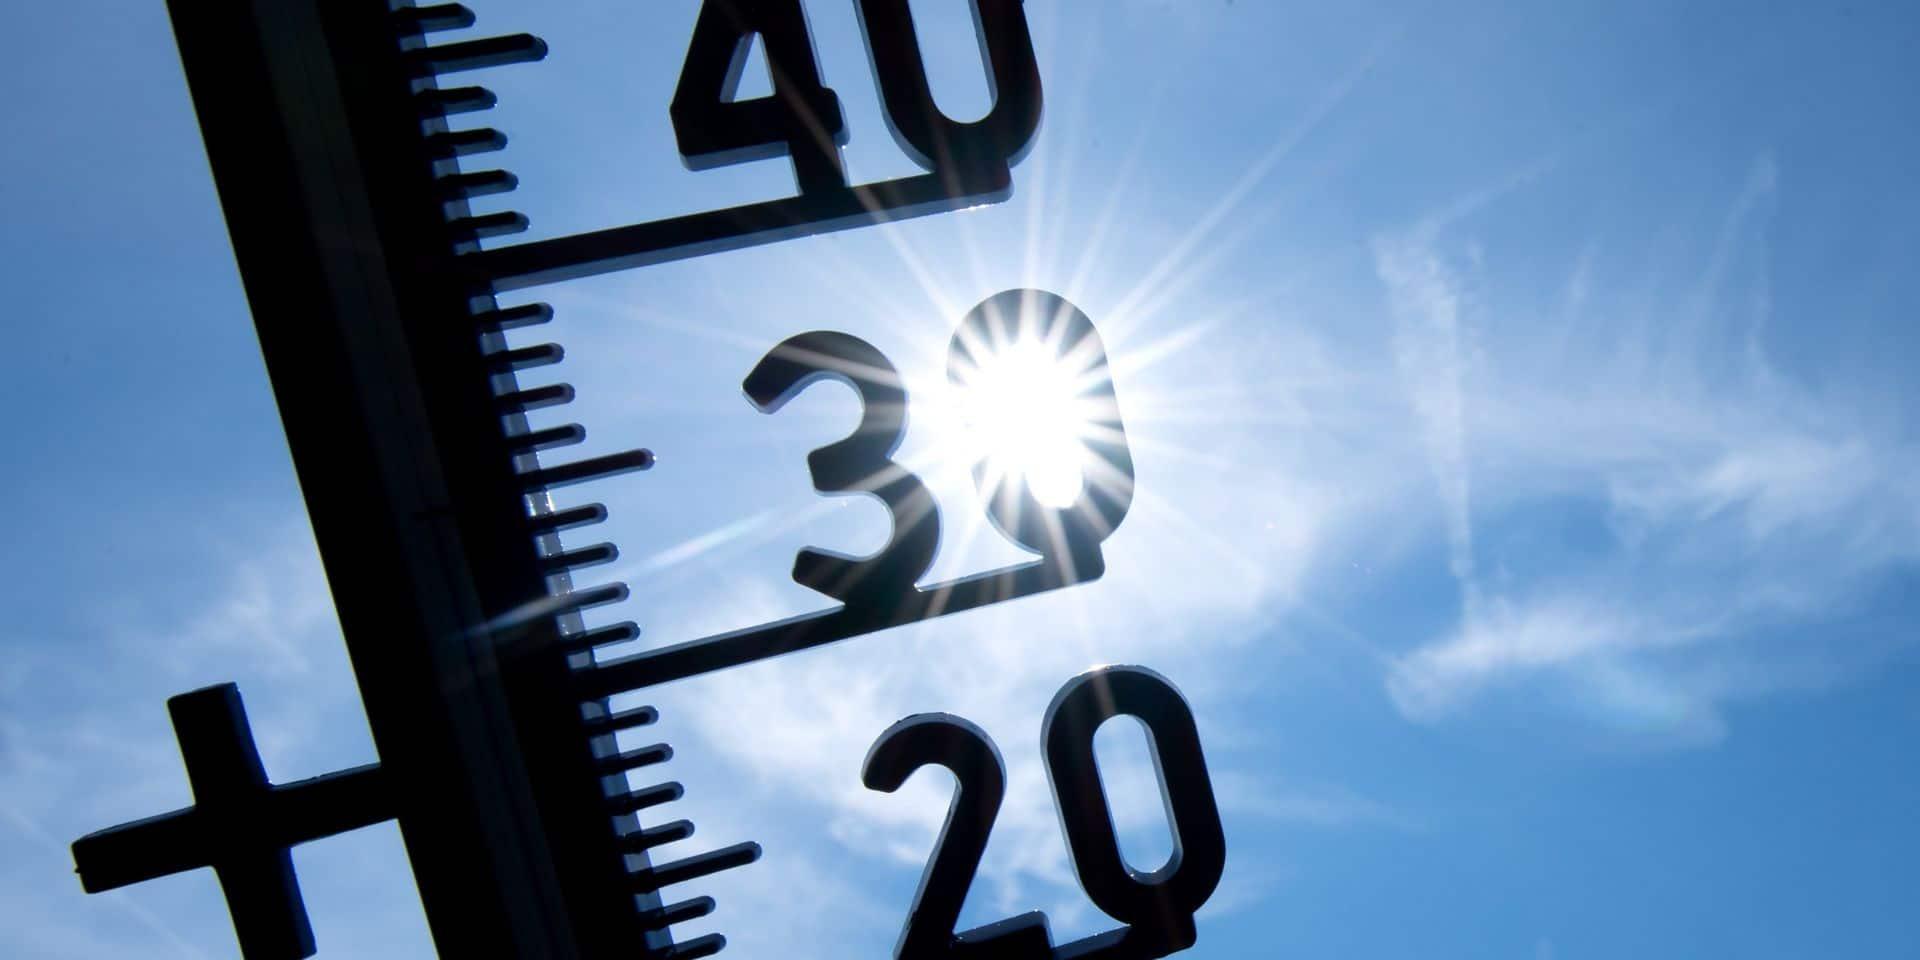 35,9 degrés enregistrés à Uccle: le record de température pour le mois d'août a été battu